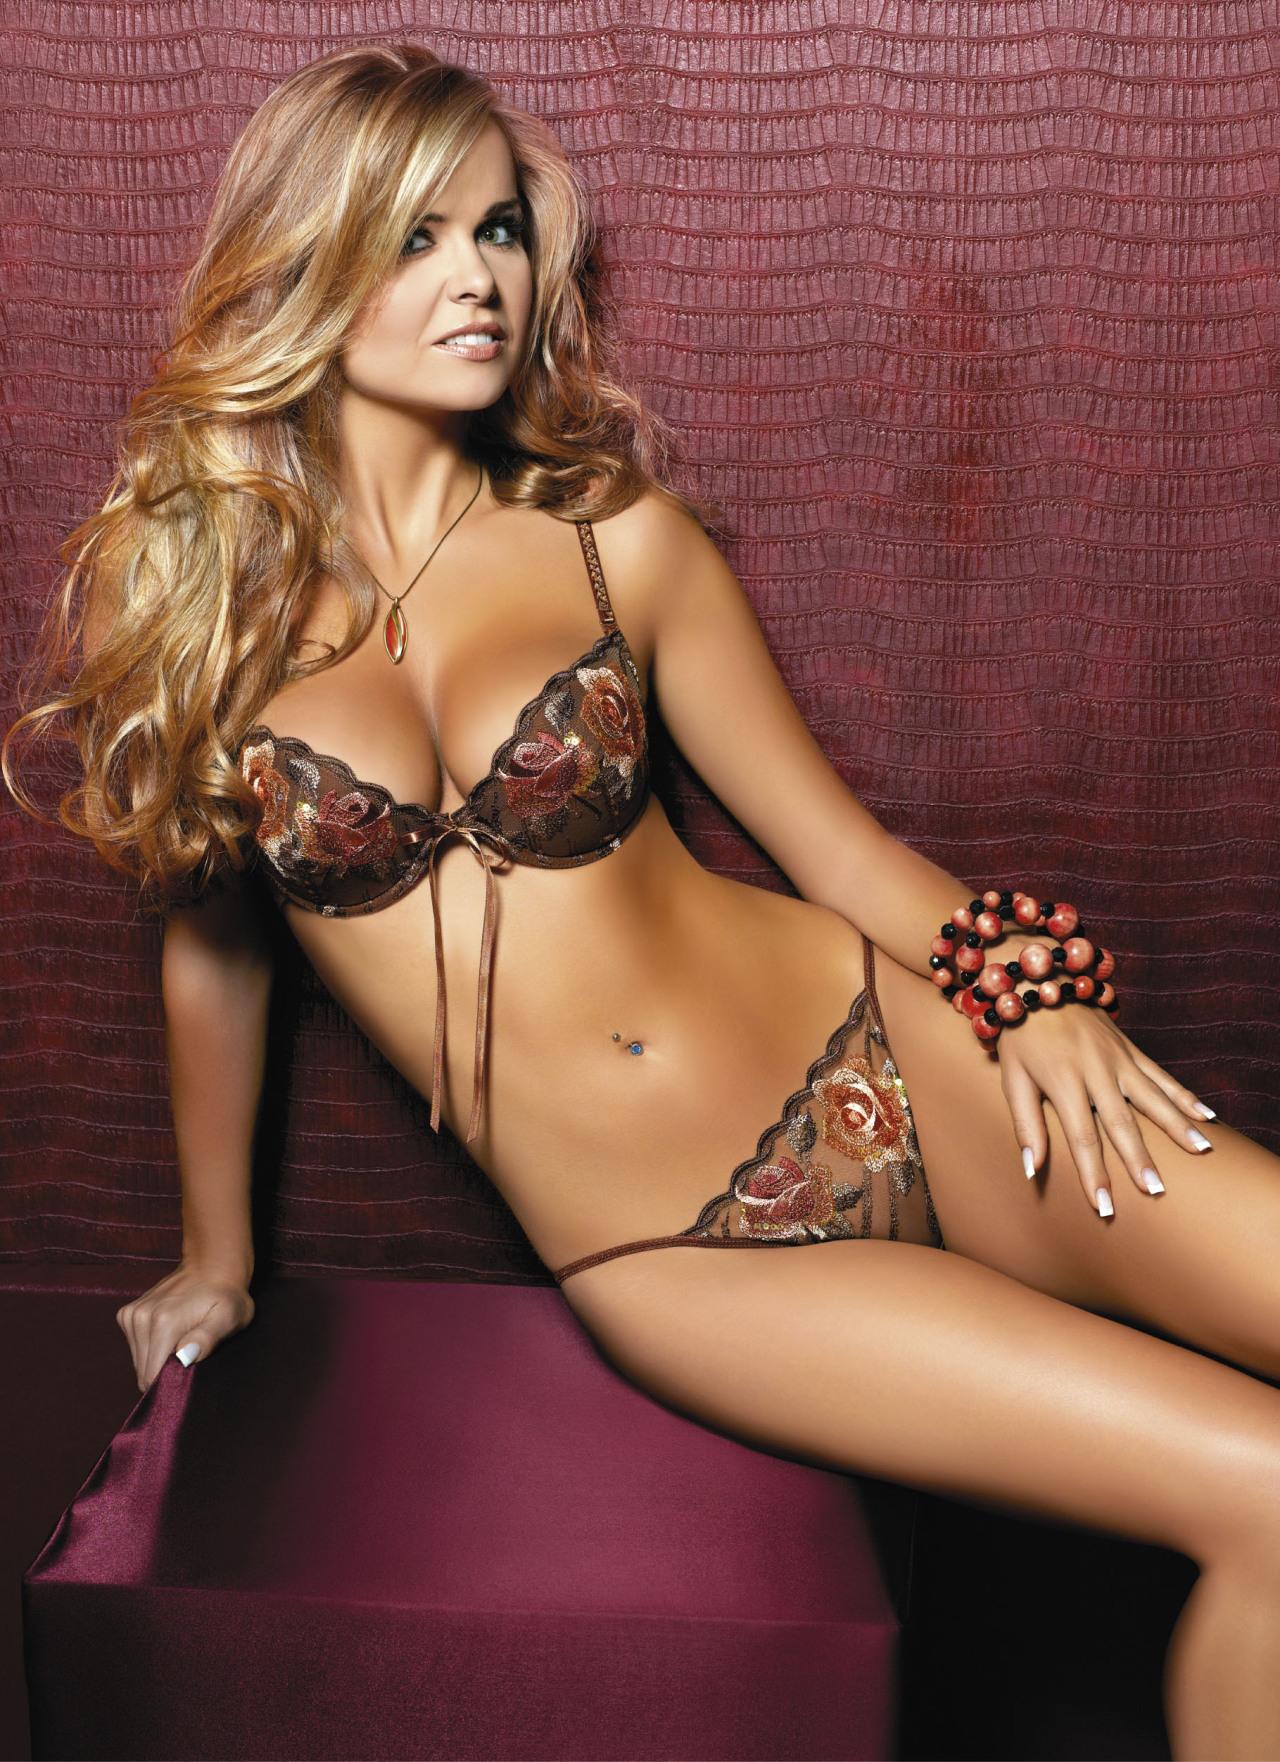 hot mood women wearing sexy lingerie